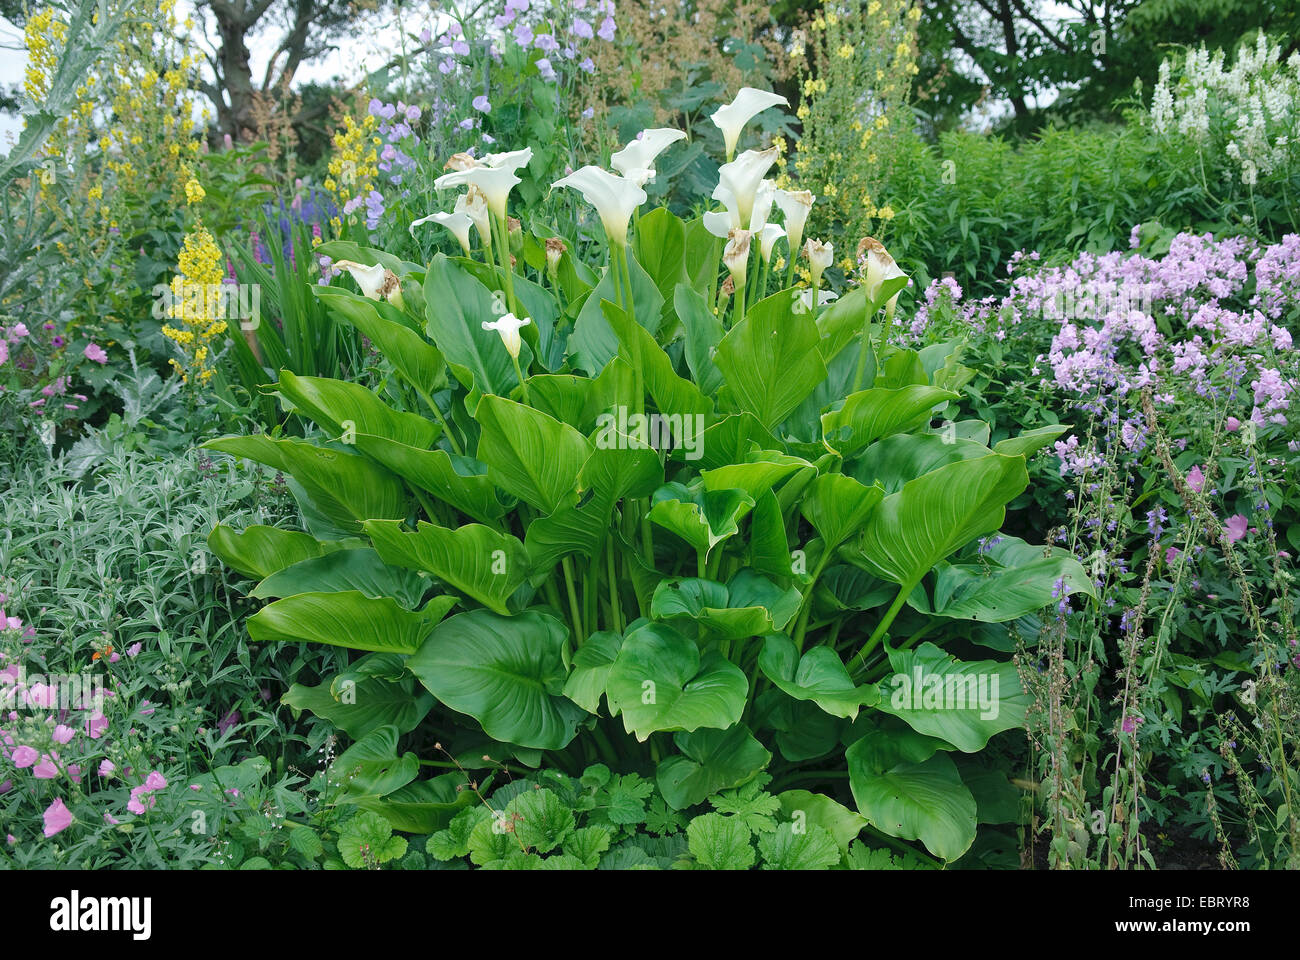 calla lily (Zantedeschia spec.), in a garden - Stock Image